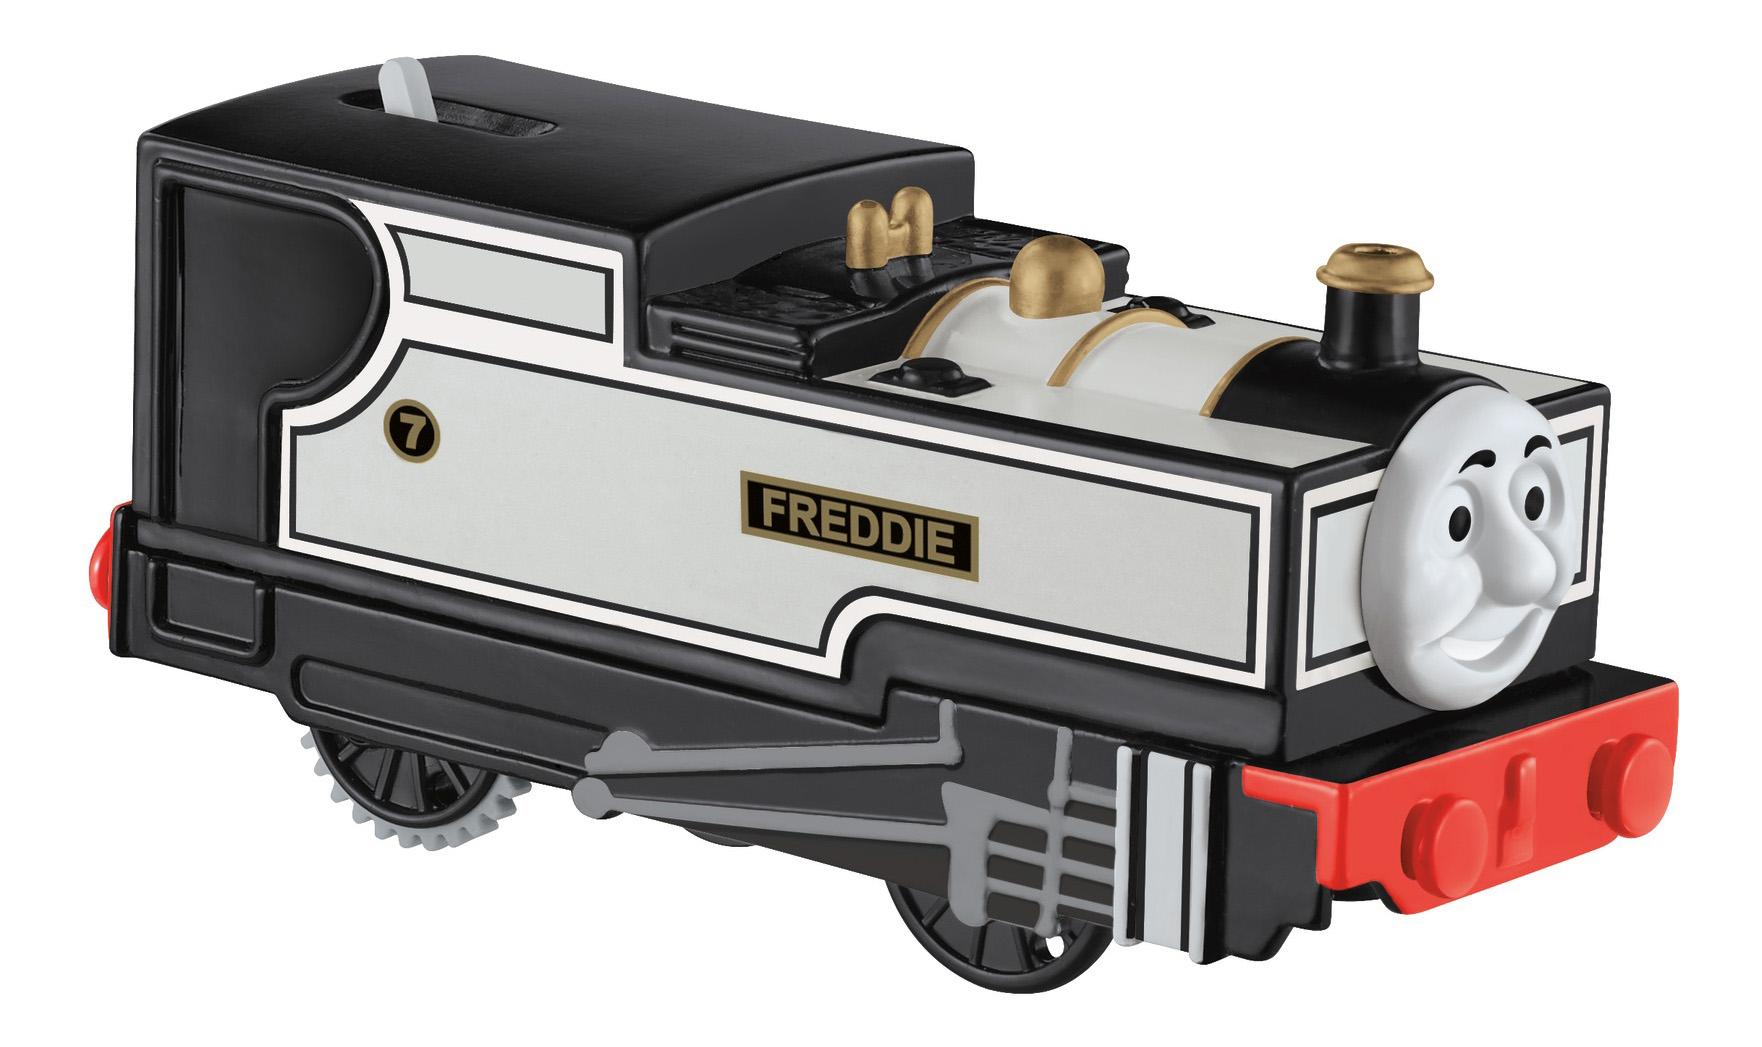 Купить Моторизированные паровозики, Локомотив Fisher-Price Thomas & Friends моторизированные Паровозики CKW29 DFN37, Детские железные дороги